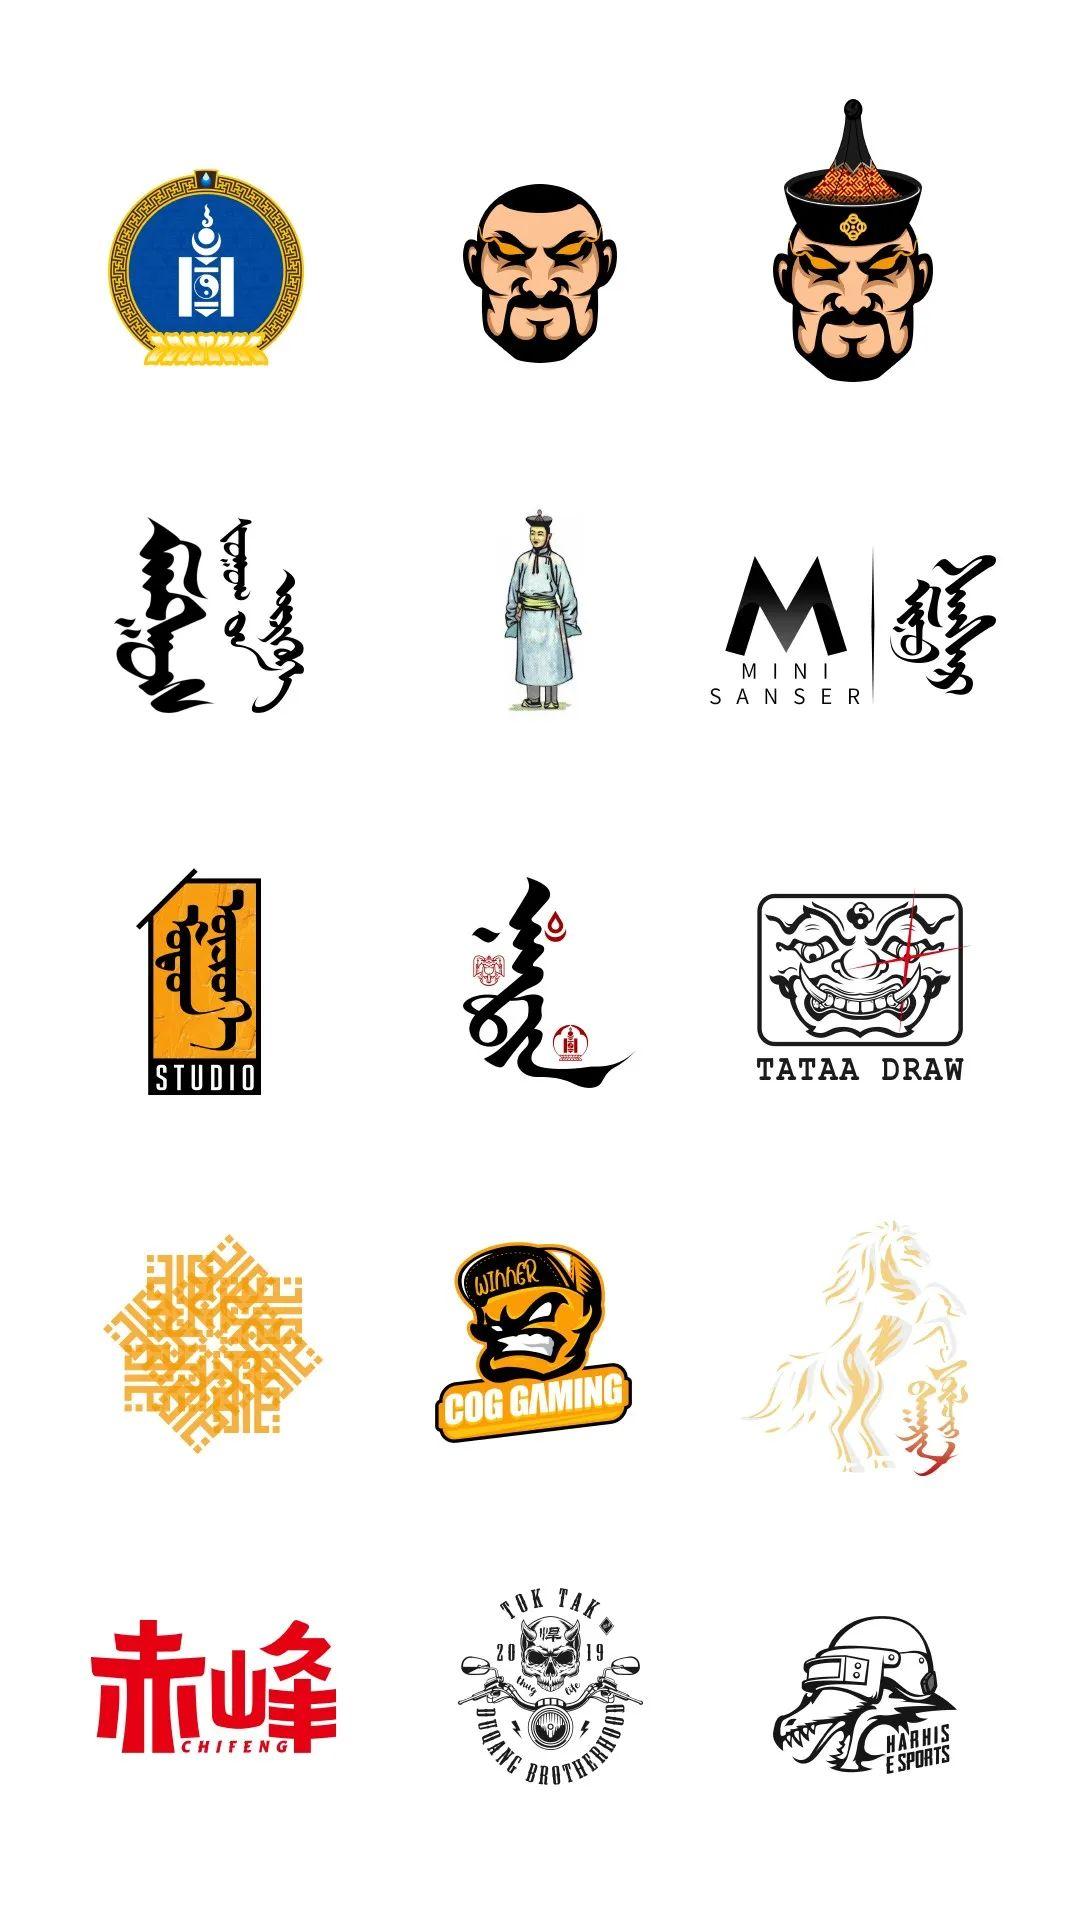 超赞的蒙元素设计-看完马上收藏 #Hotoch-Design#设计案例 第4张